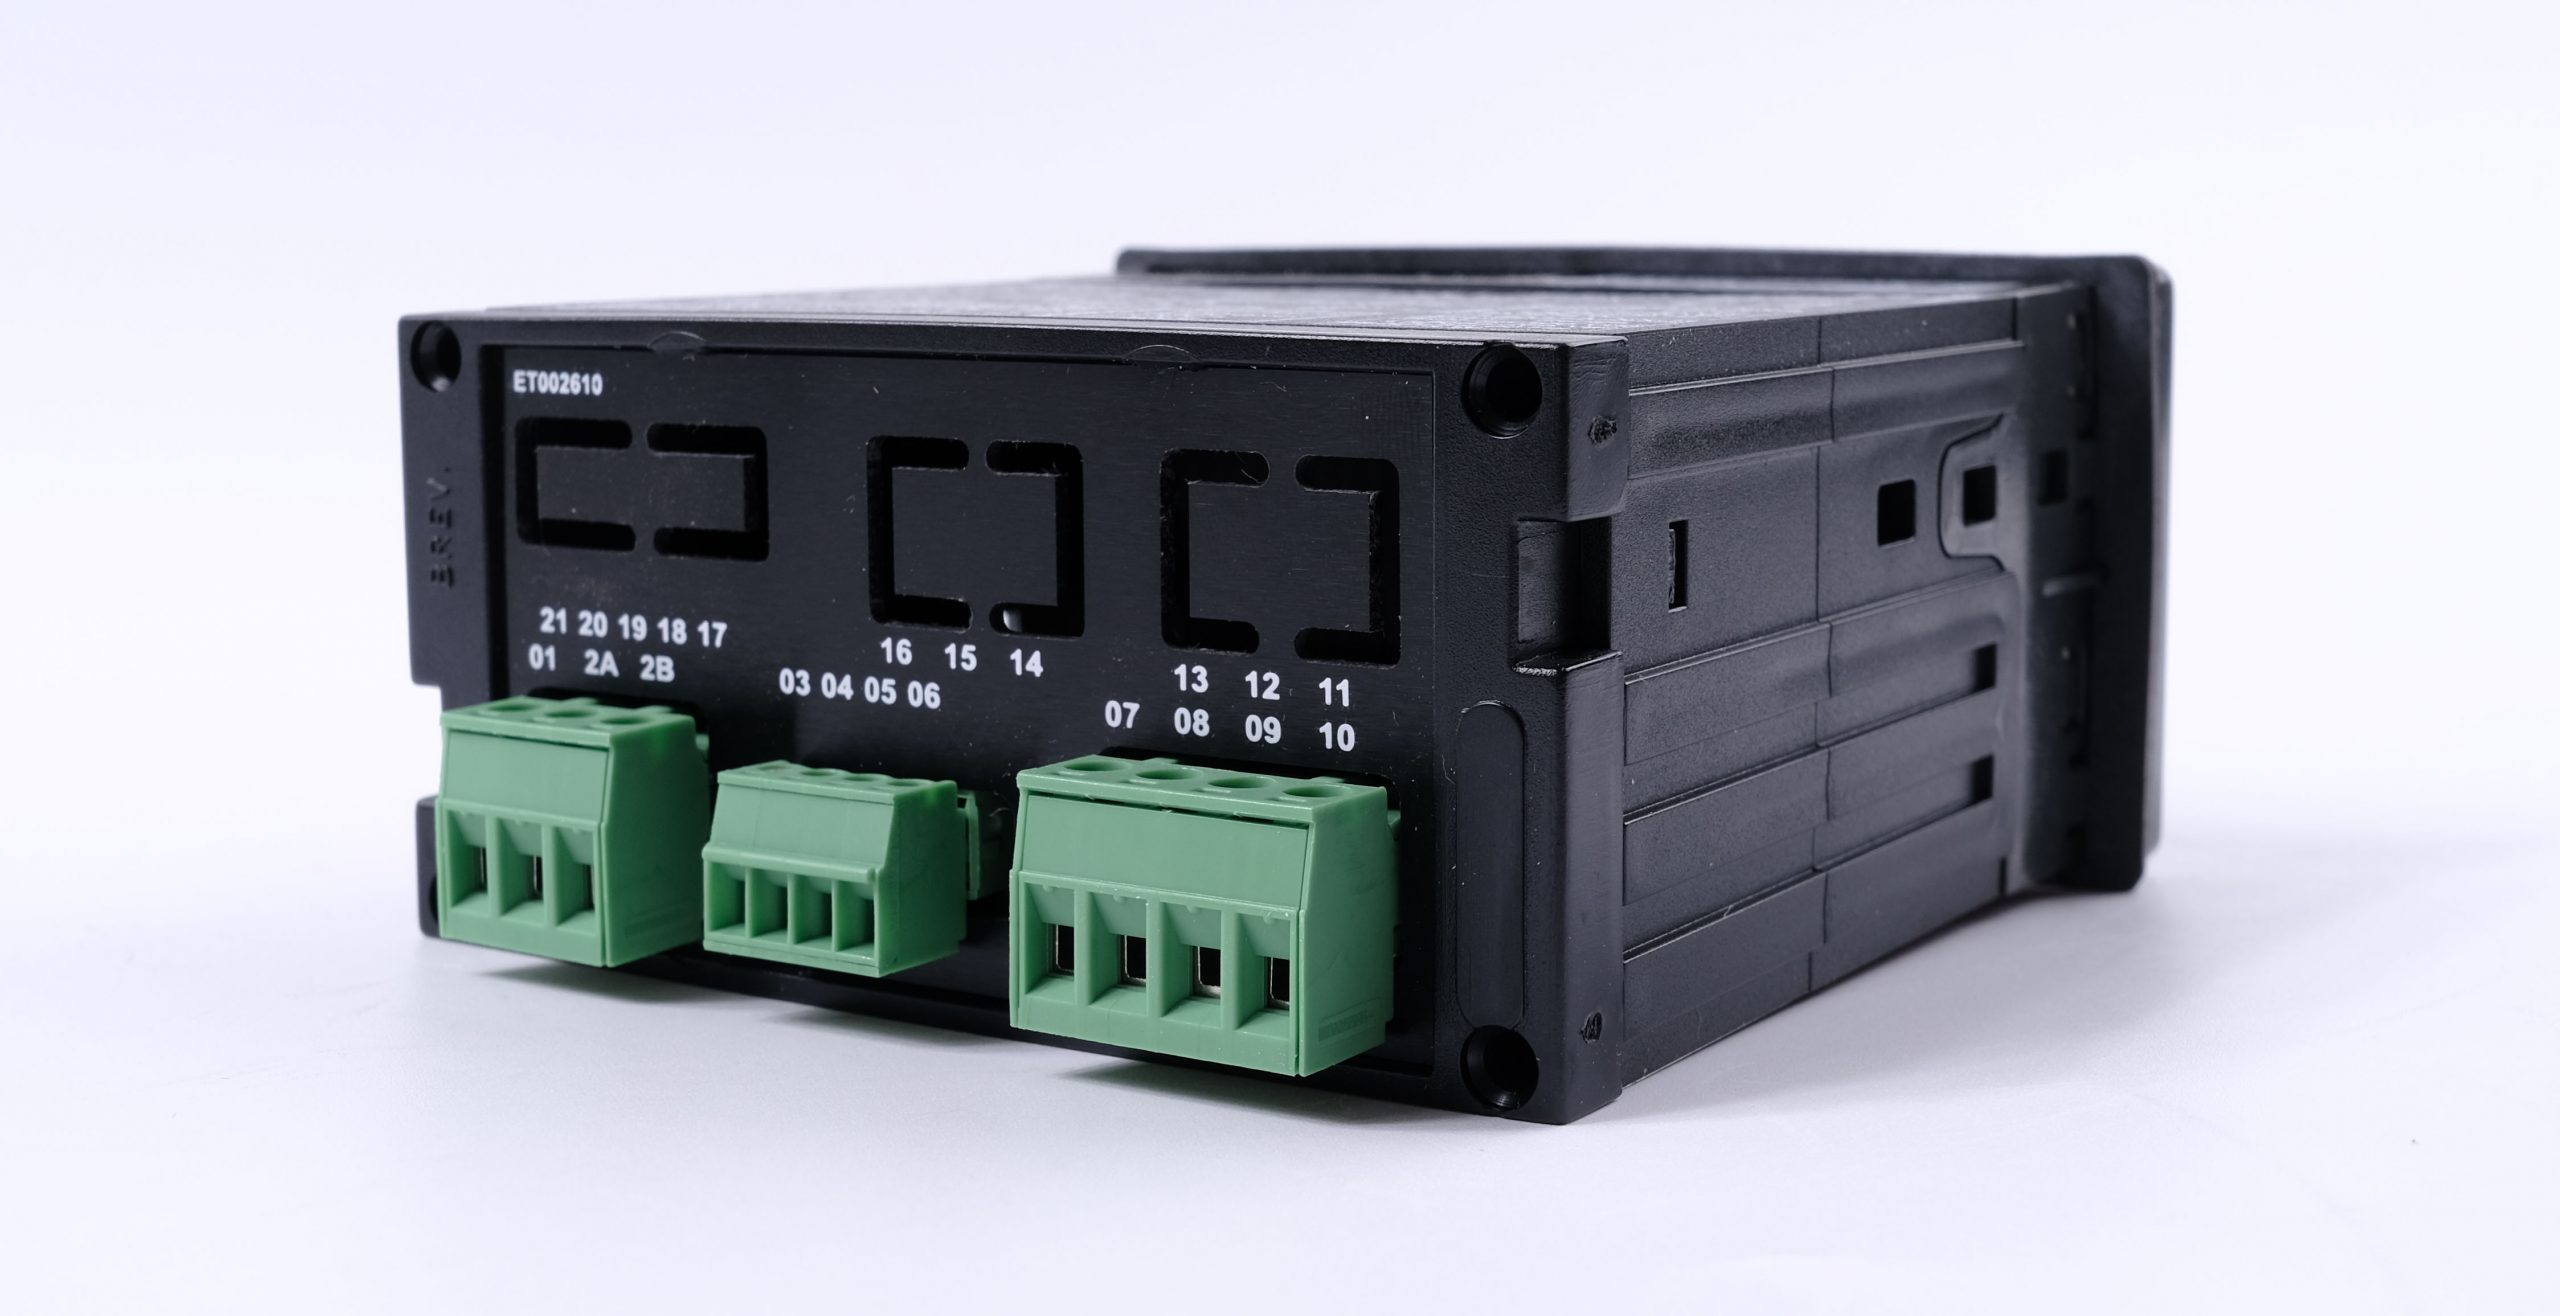 Mặt sau bộ hiển thị dòng điện S311A-4-H